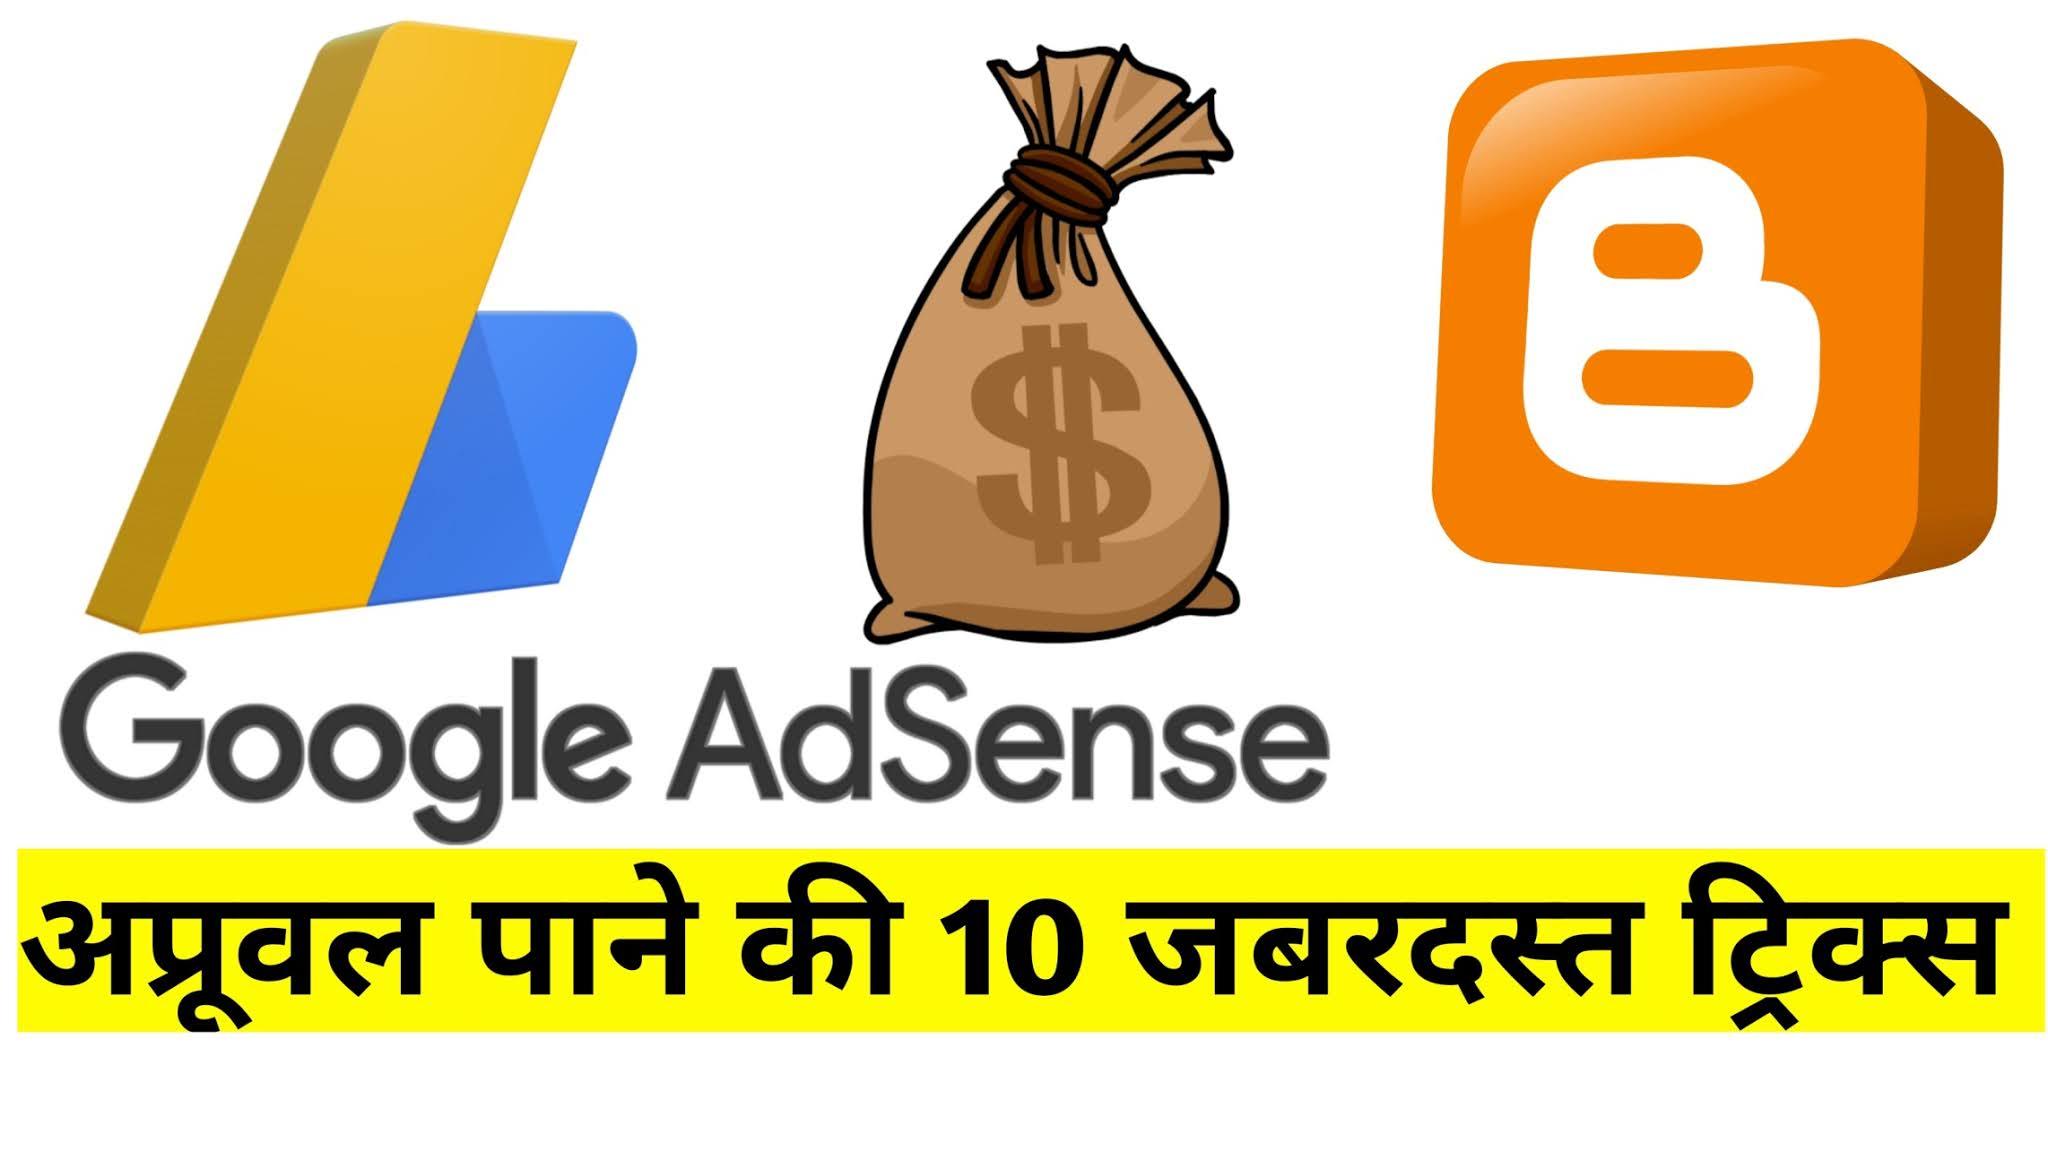 अपनी वेबसाइट और ब्लॉग पर Google adsense का अप्रूवल लेने की 10 टिप्स   गूगल ऐडसेंस का अप्रूवल कैसे लें?